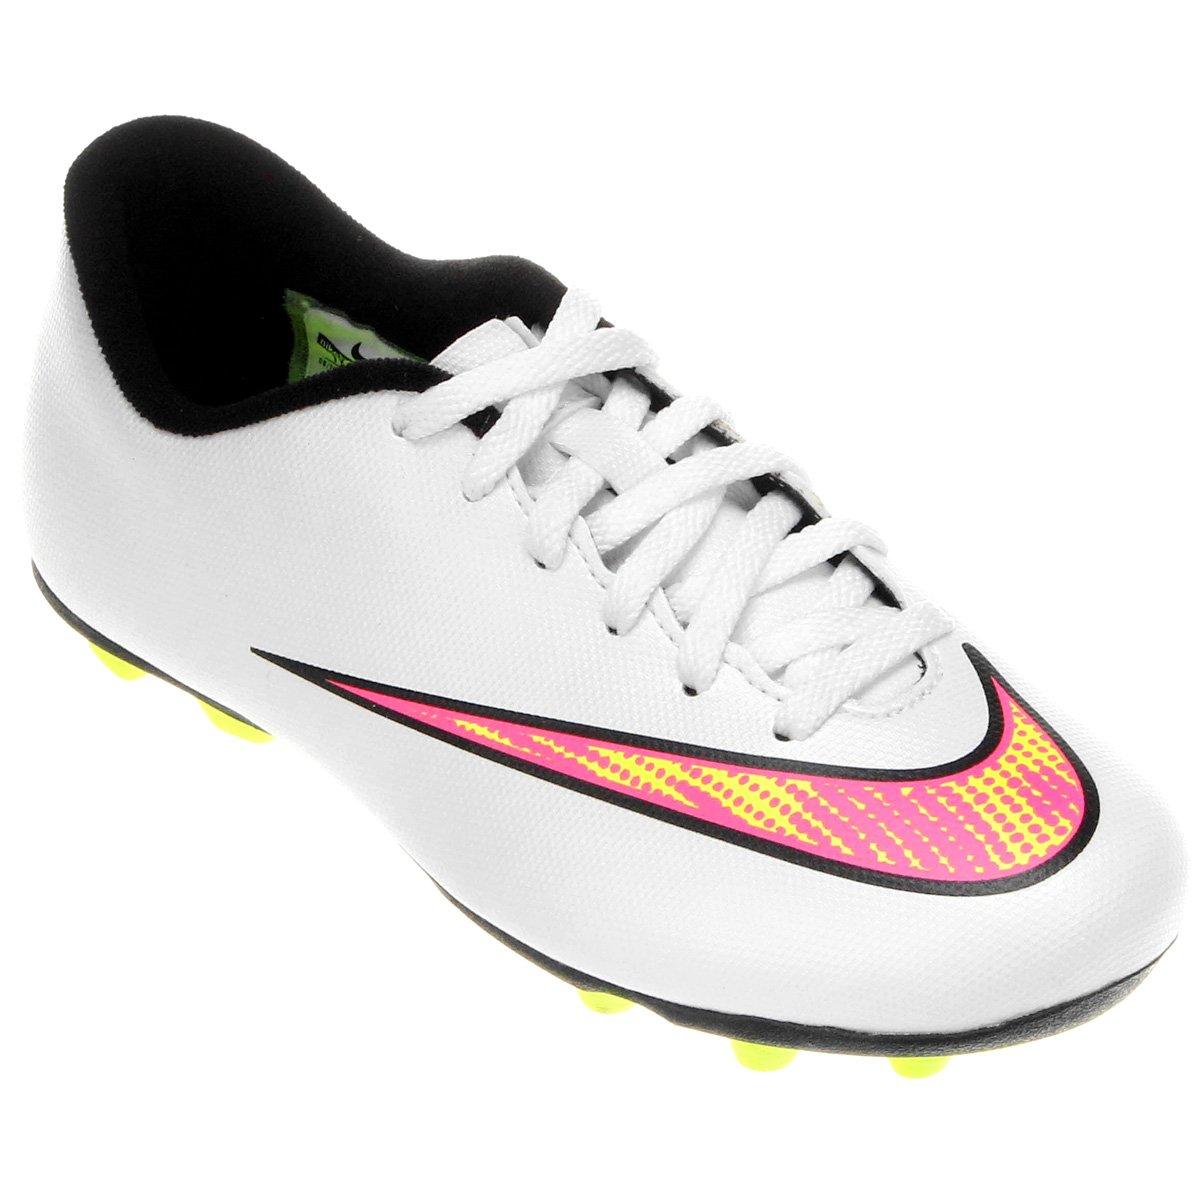 b3342f55d66d3 Chuteira Nike Mercurial Vortex 2 FG Campo Infantil - Compre Agora ...